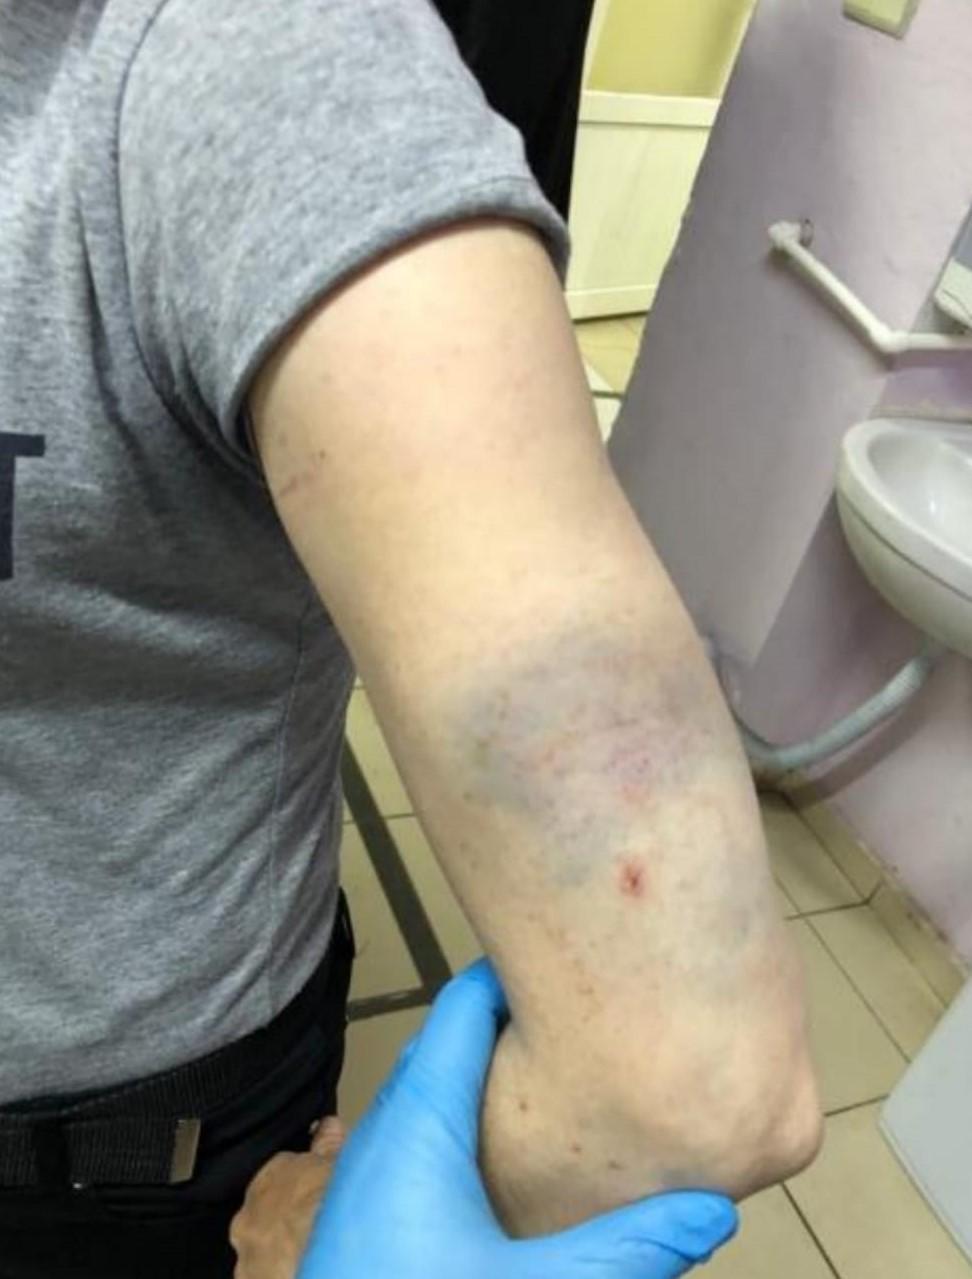 Ordu'da hasta yakınları sağlık çalışanlarına saldırdı